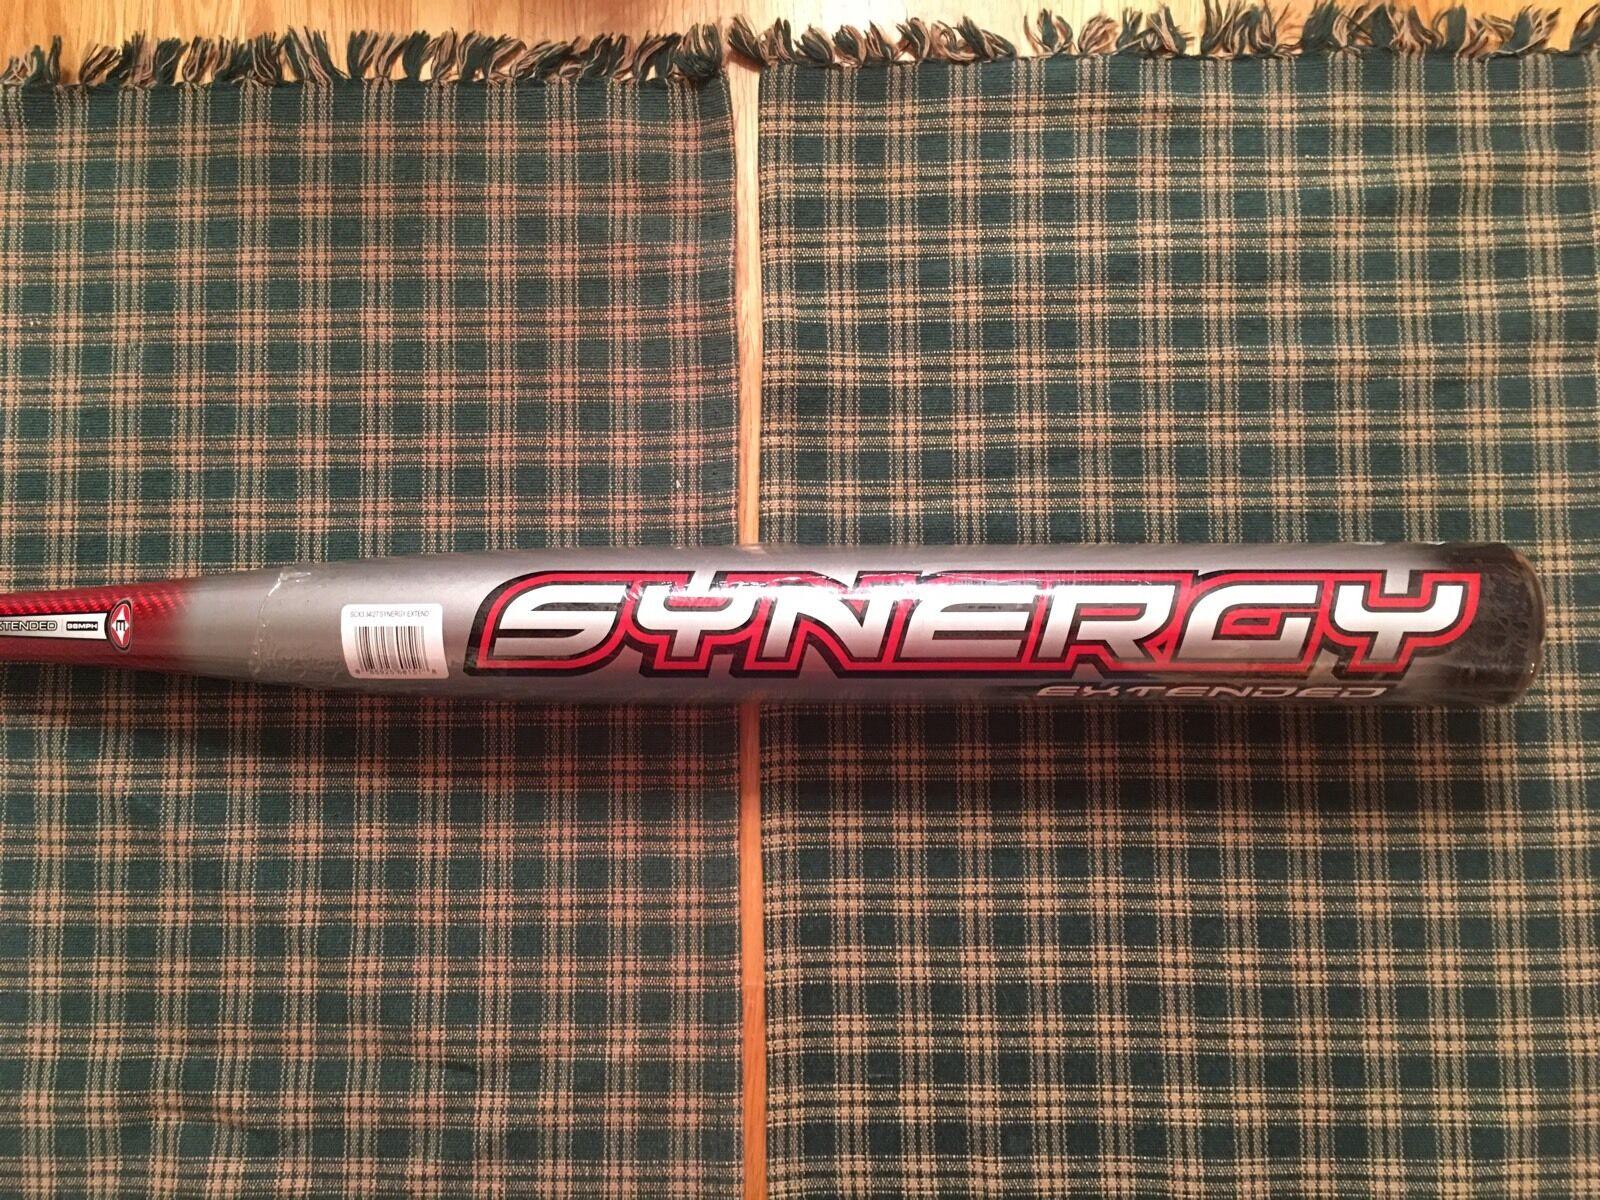 RARE NIW OG 2005 EASTON SYNERGY EXTENDED SCX3 27 oz HOT Slowpitch Softball Bat